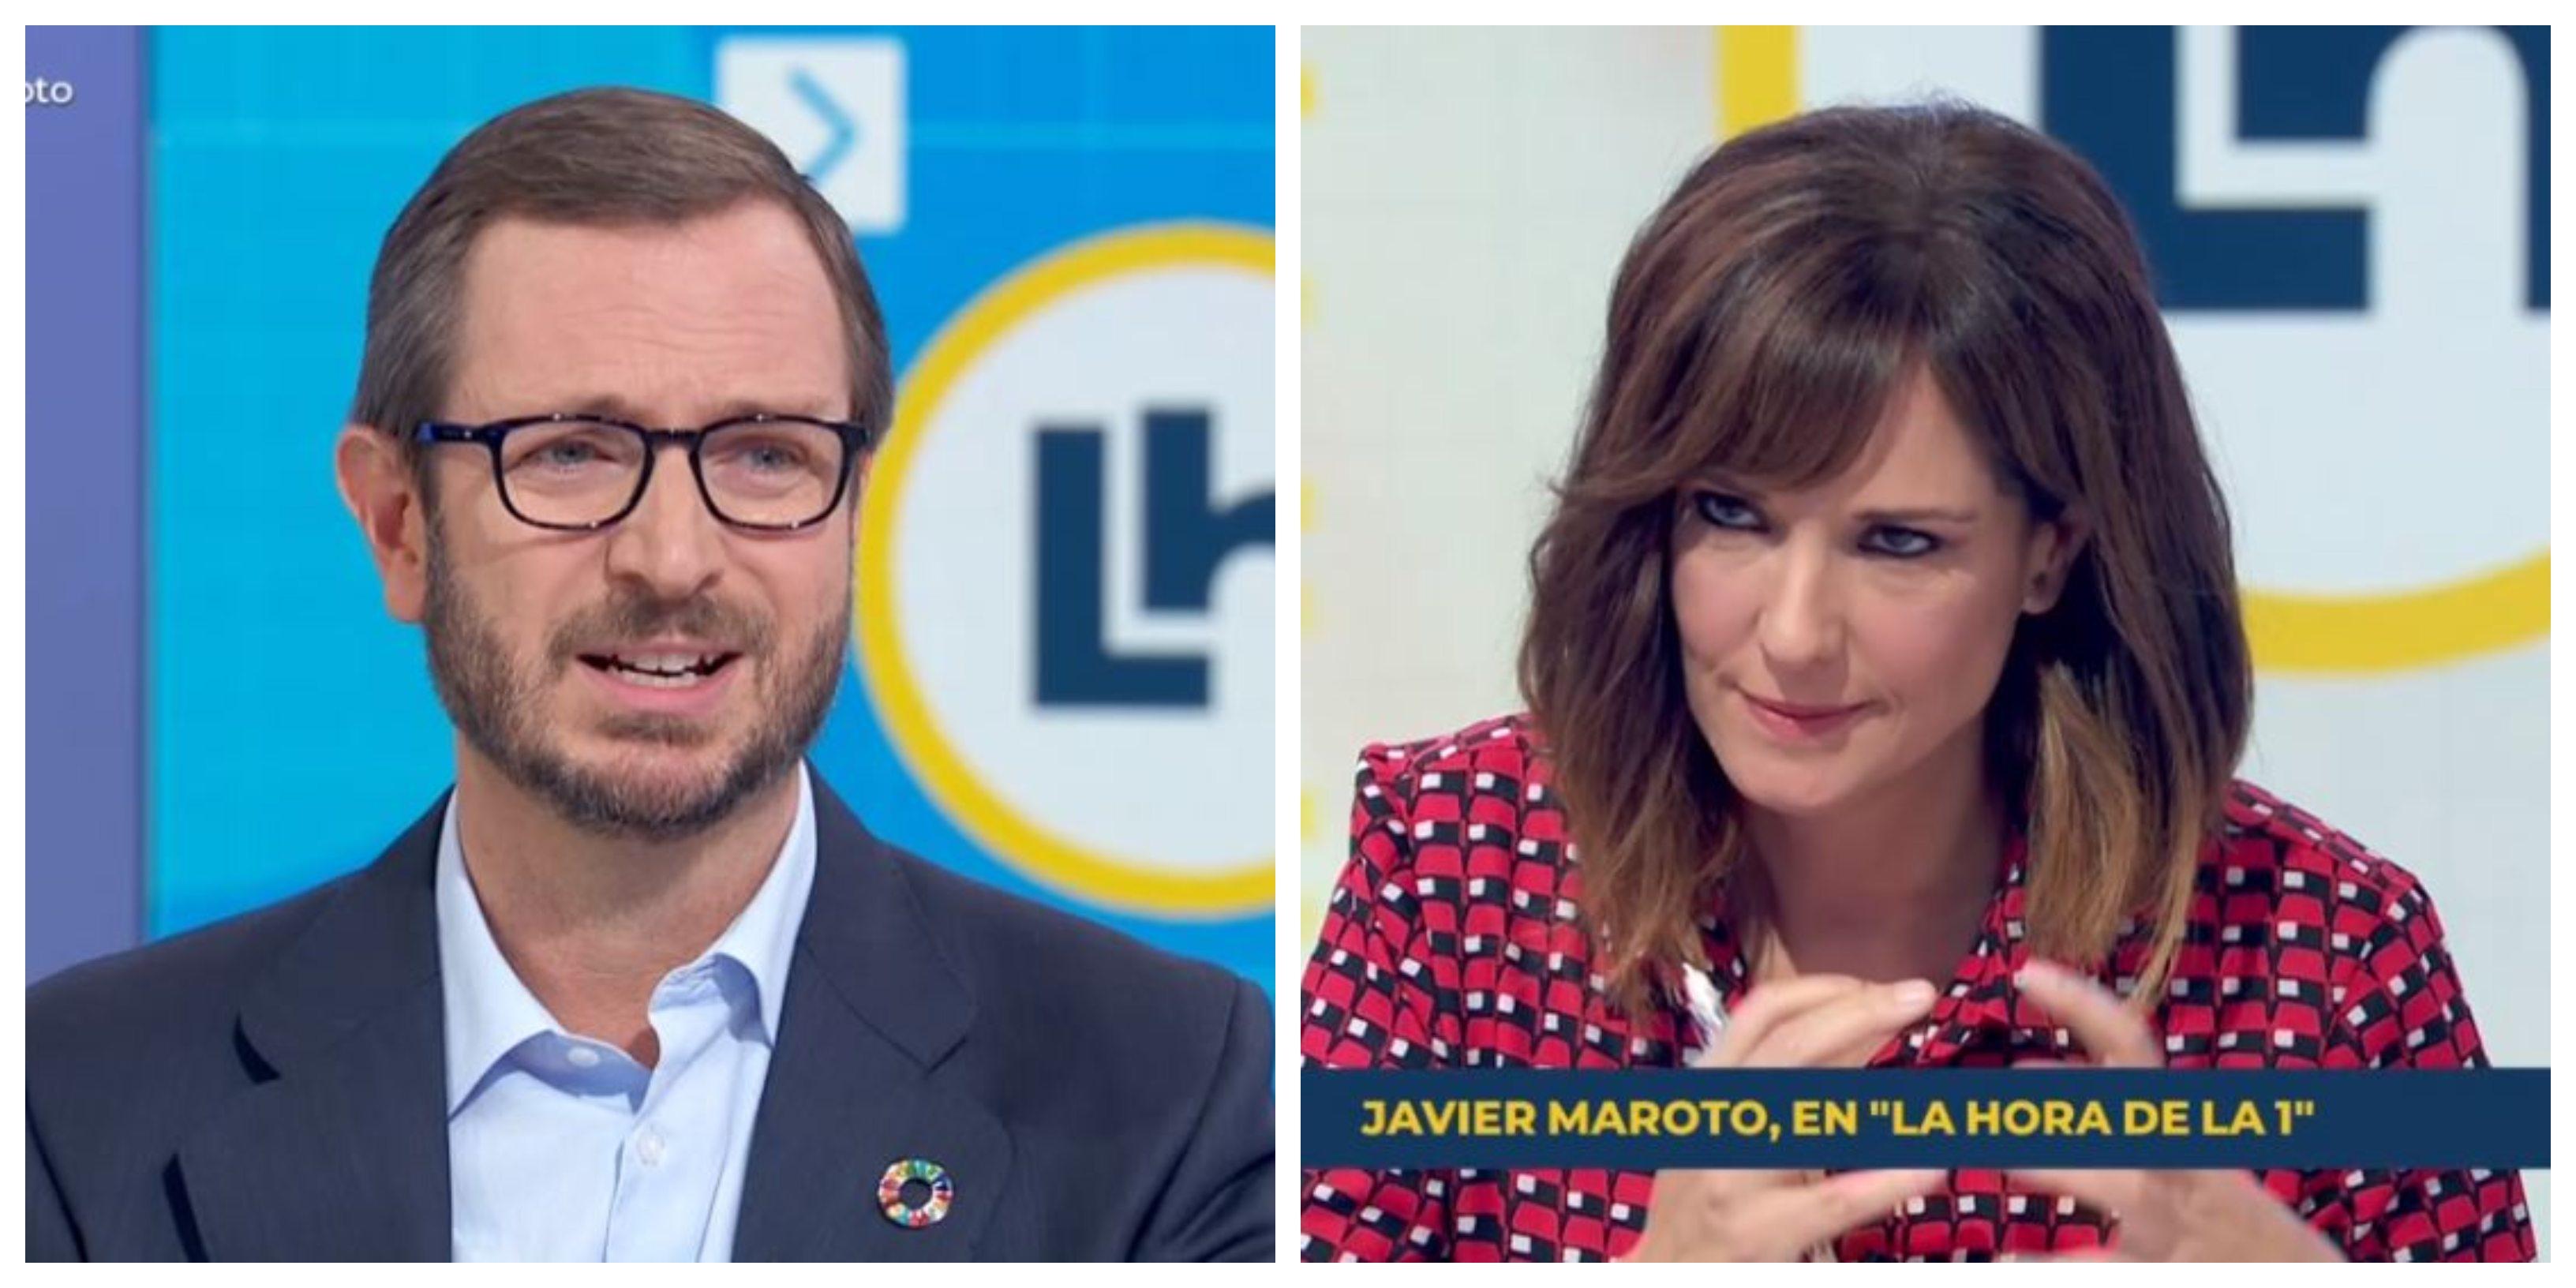 La pregunta envenenada de 'Isobaras' López a Maroto (PP) que acaba arrojándola al precipicio del fracaso